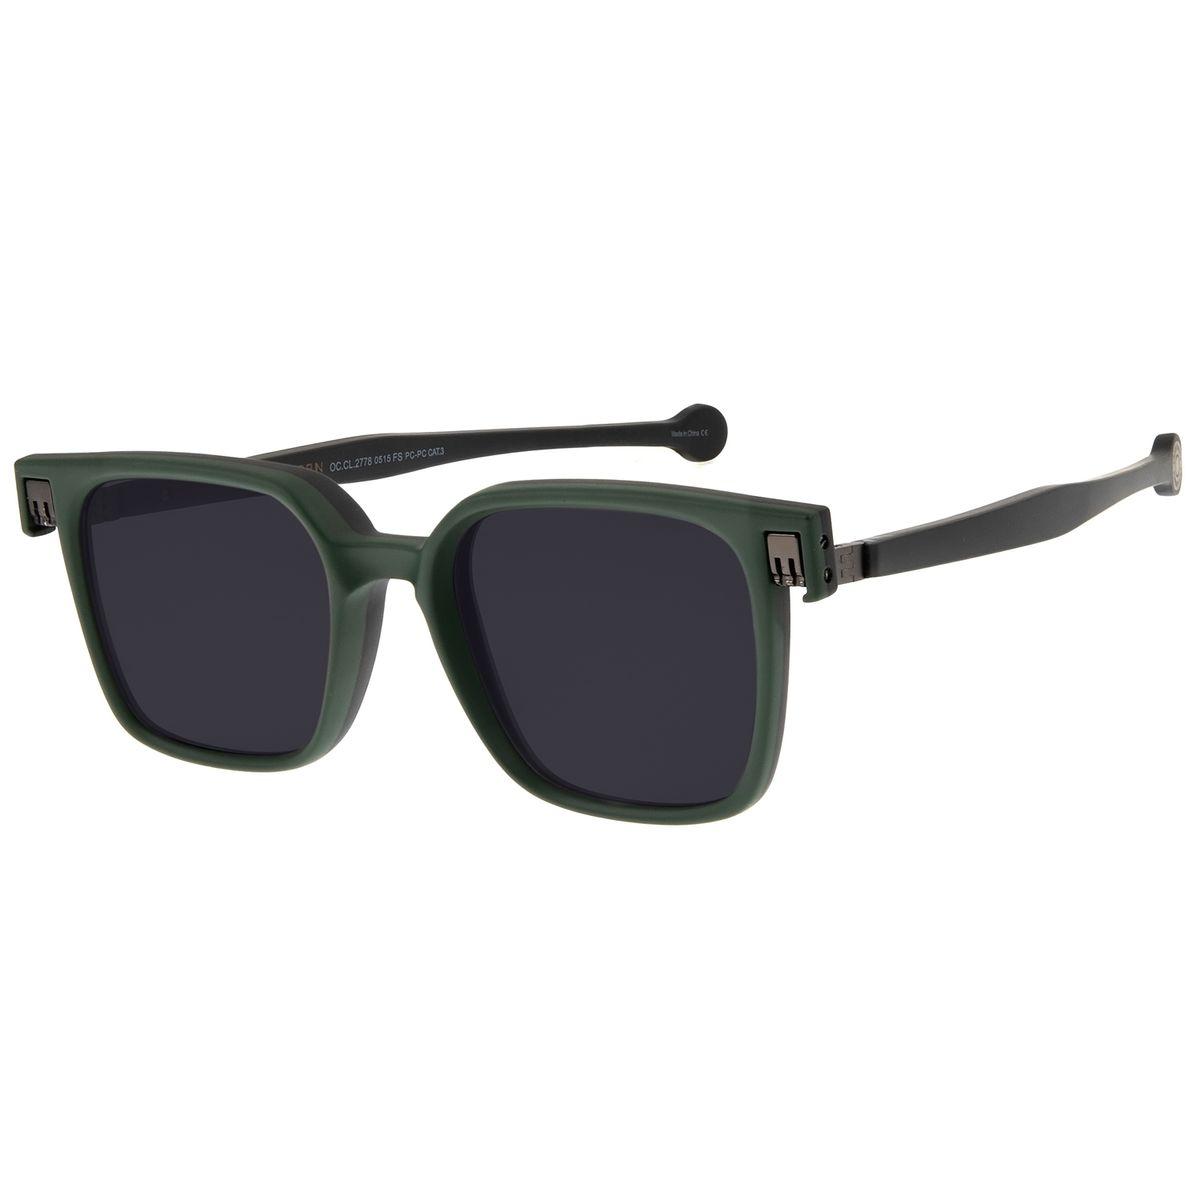 113da8648 Óculos de Sol Unissex Chilli Beans 2 em 1 Reverse Quadrado Verde ...